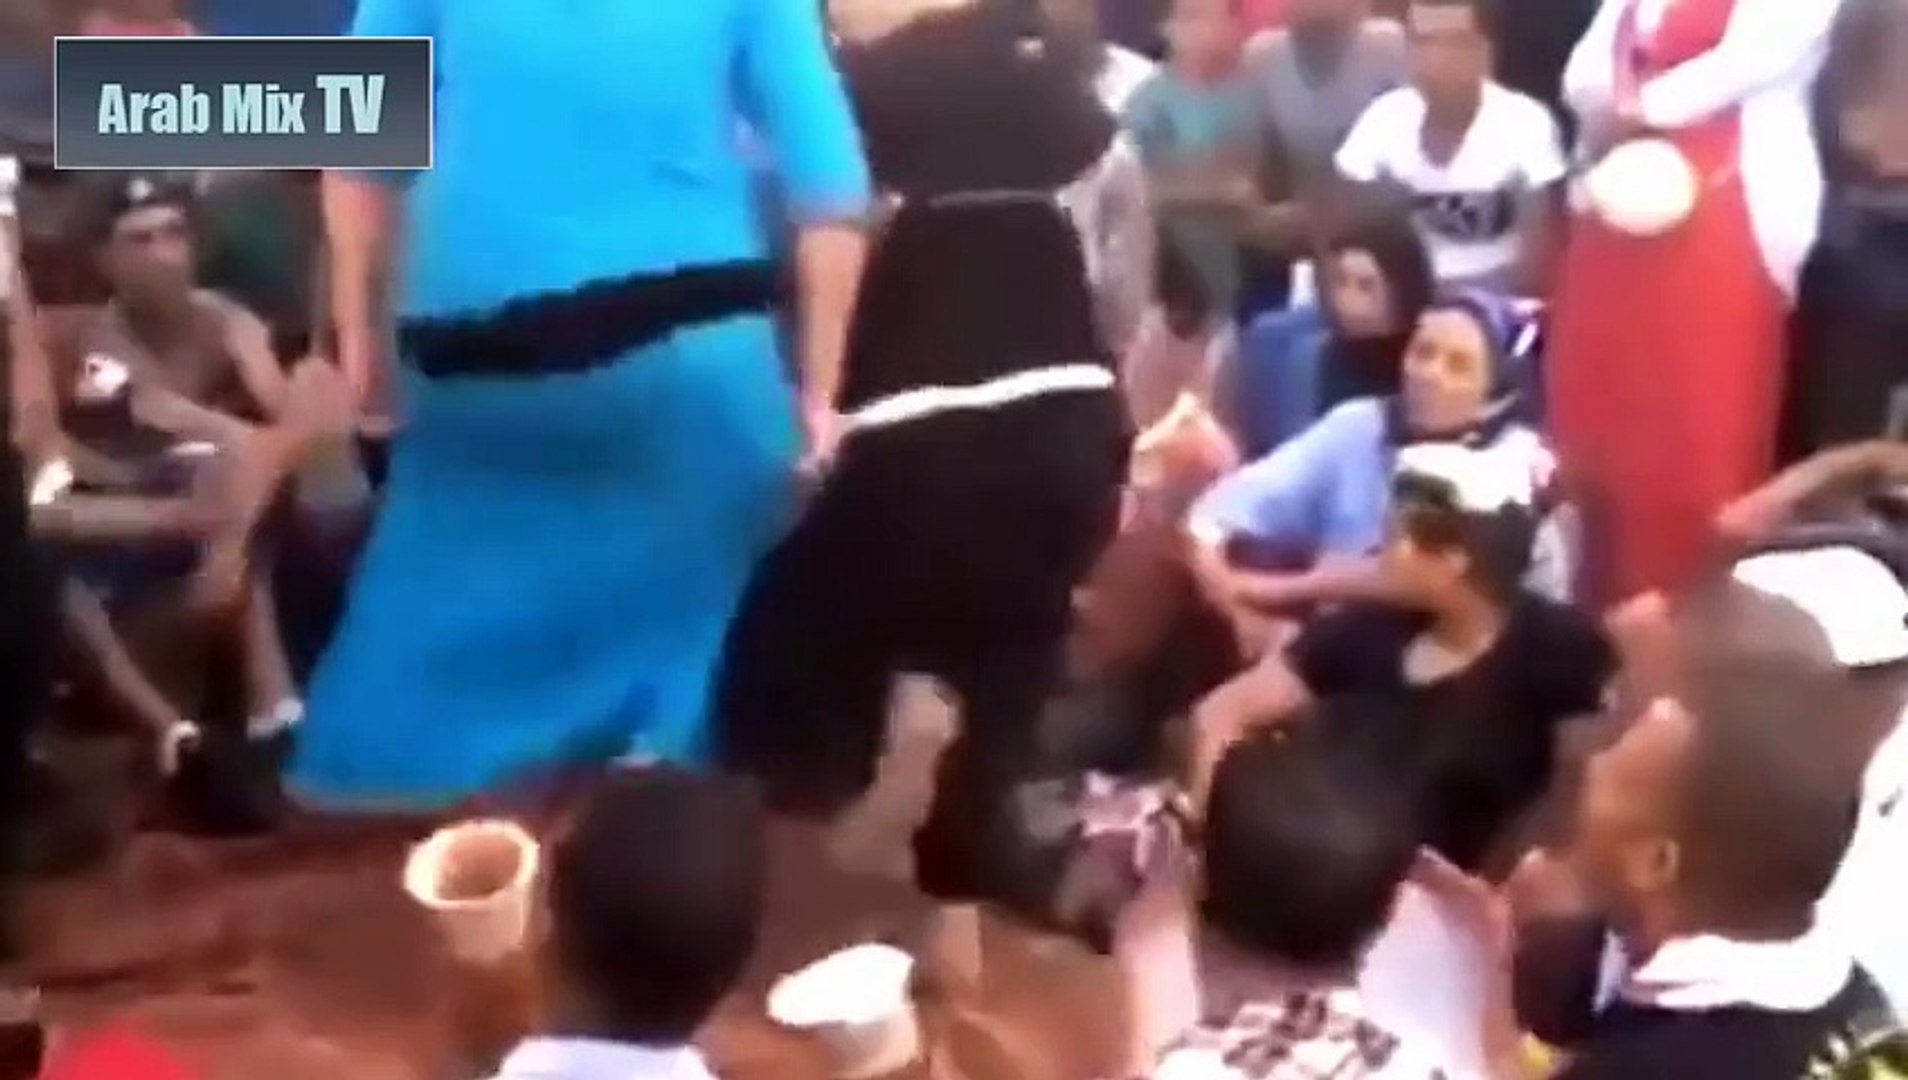 رقص مصري شعبي معلاية دقني - رقص معلايه وسط حشد من المتفرجين - رقص مسخرة